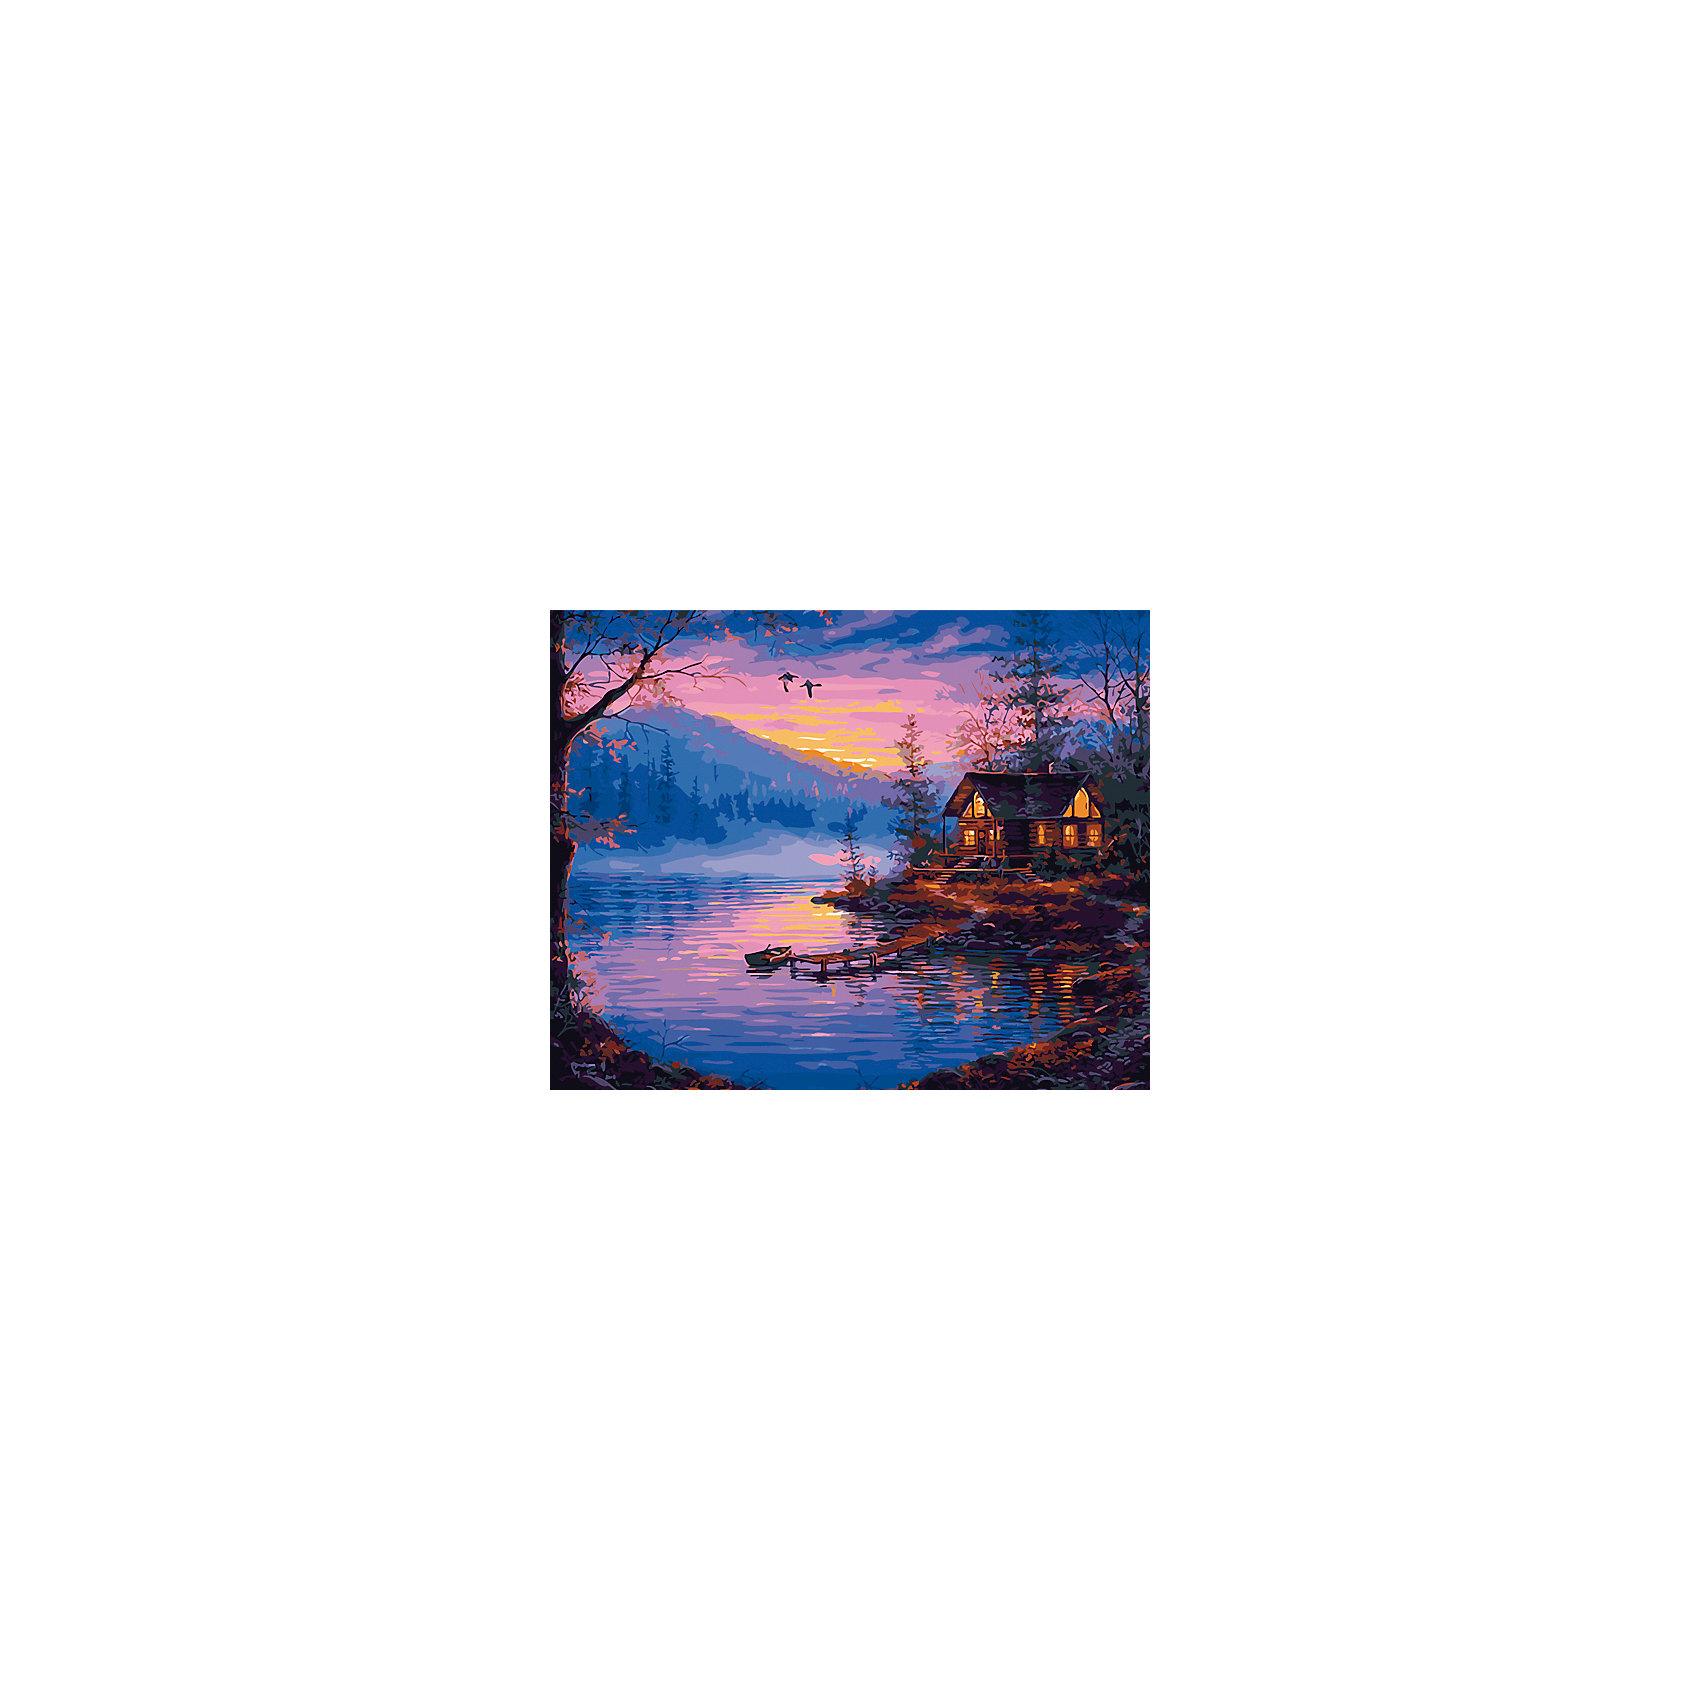 Холст с красками по номерам Закат на озере 40х50 смзамечательные наборы для создания уникального шедевра изобразительного искусства. Создание картин на специально подготовленной рабочей поверхности – это уникальная техника, позволяющая делать Ваши шедевры более яркими и реалистичными. Просто нанесите мазки на уже готовый эскиз и оживите картину! Готовые изделия могут стать украшением интерьера или прекрасным подарком близким и друзьям.<br><br>Ширина мм: 510<br>Глубина мм: 410<br>Высота мм: 25<br>Вес г: 900<br>Возраст от месяцев: 36<br>Возраст до месяцев: 108<br>Пол: Унисекс<br>Возраст: Детский<br>SKU: 5096766